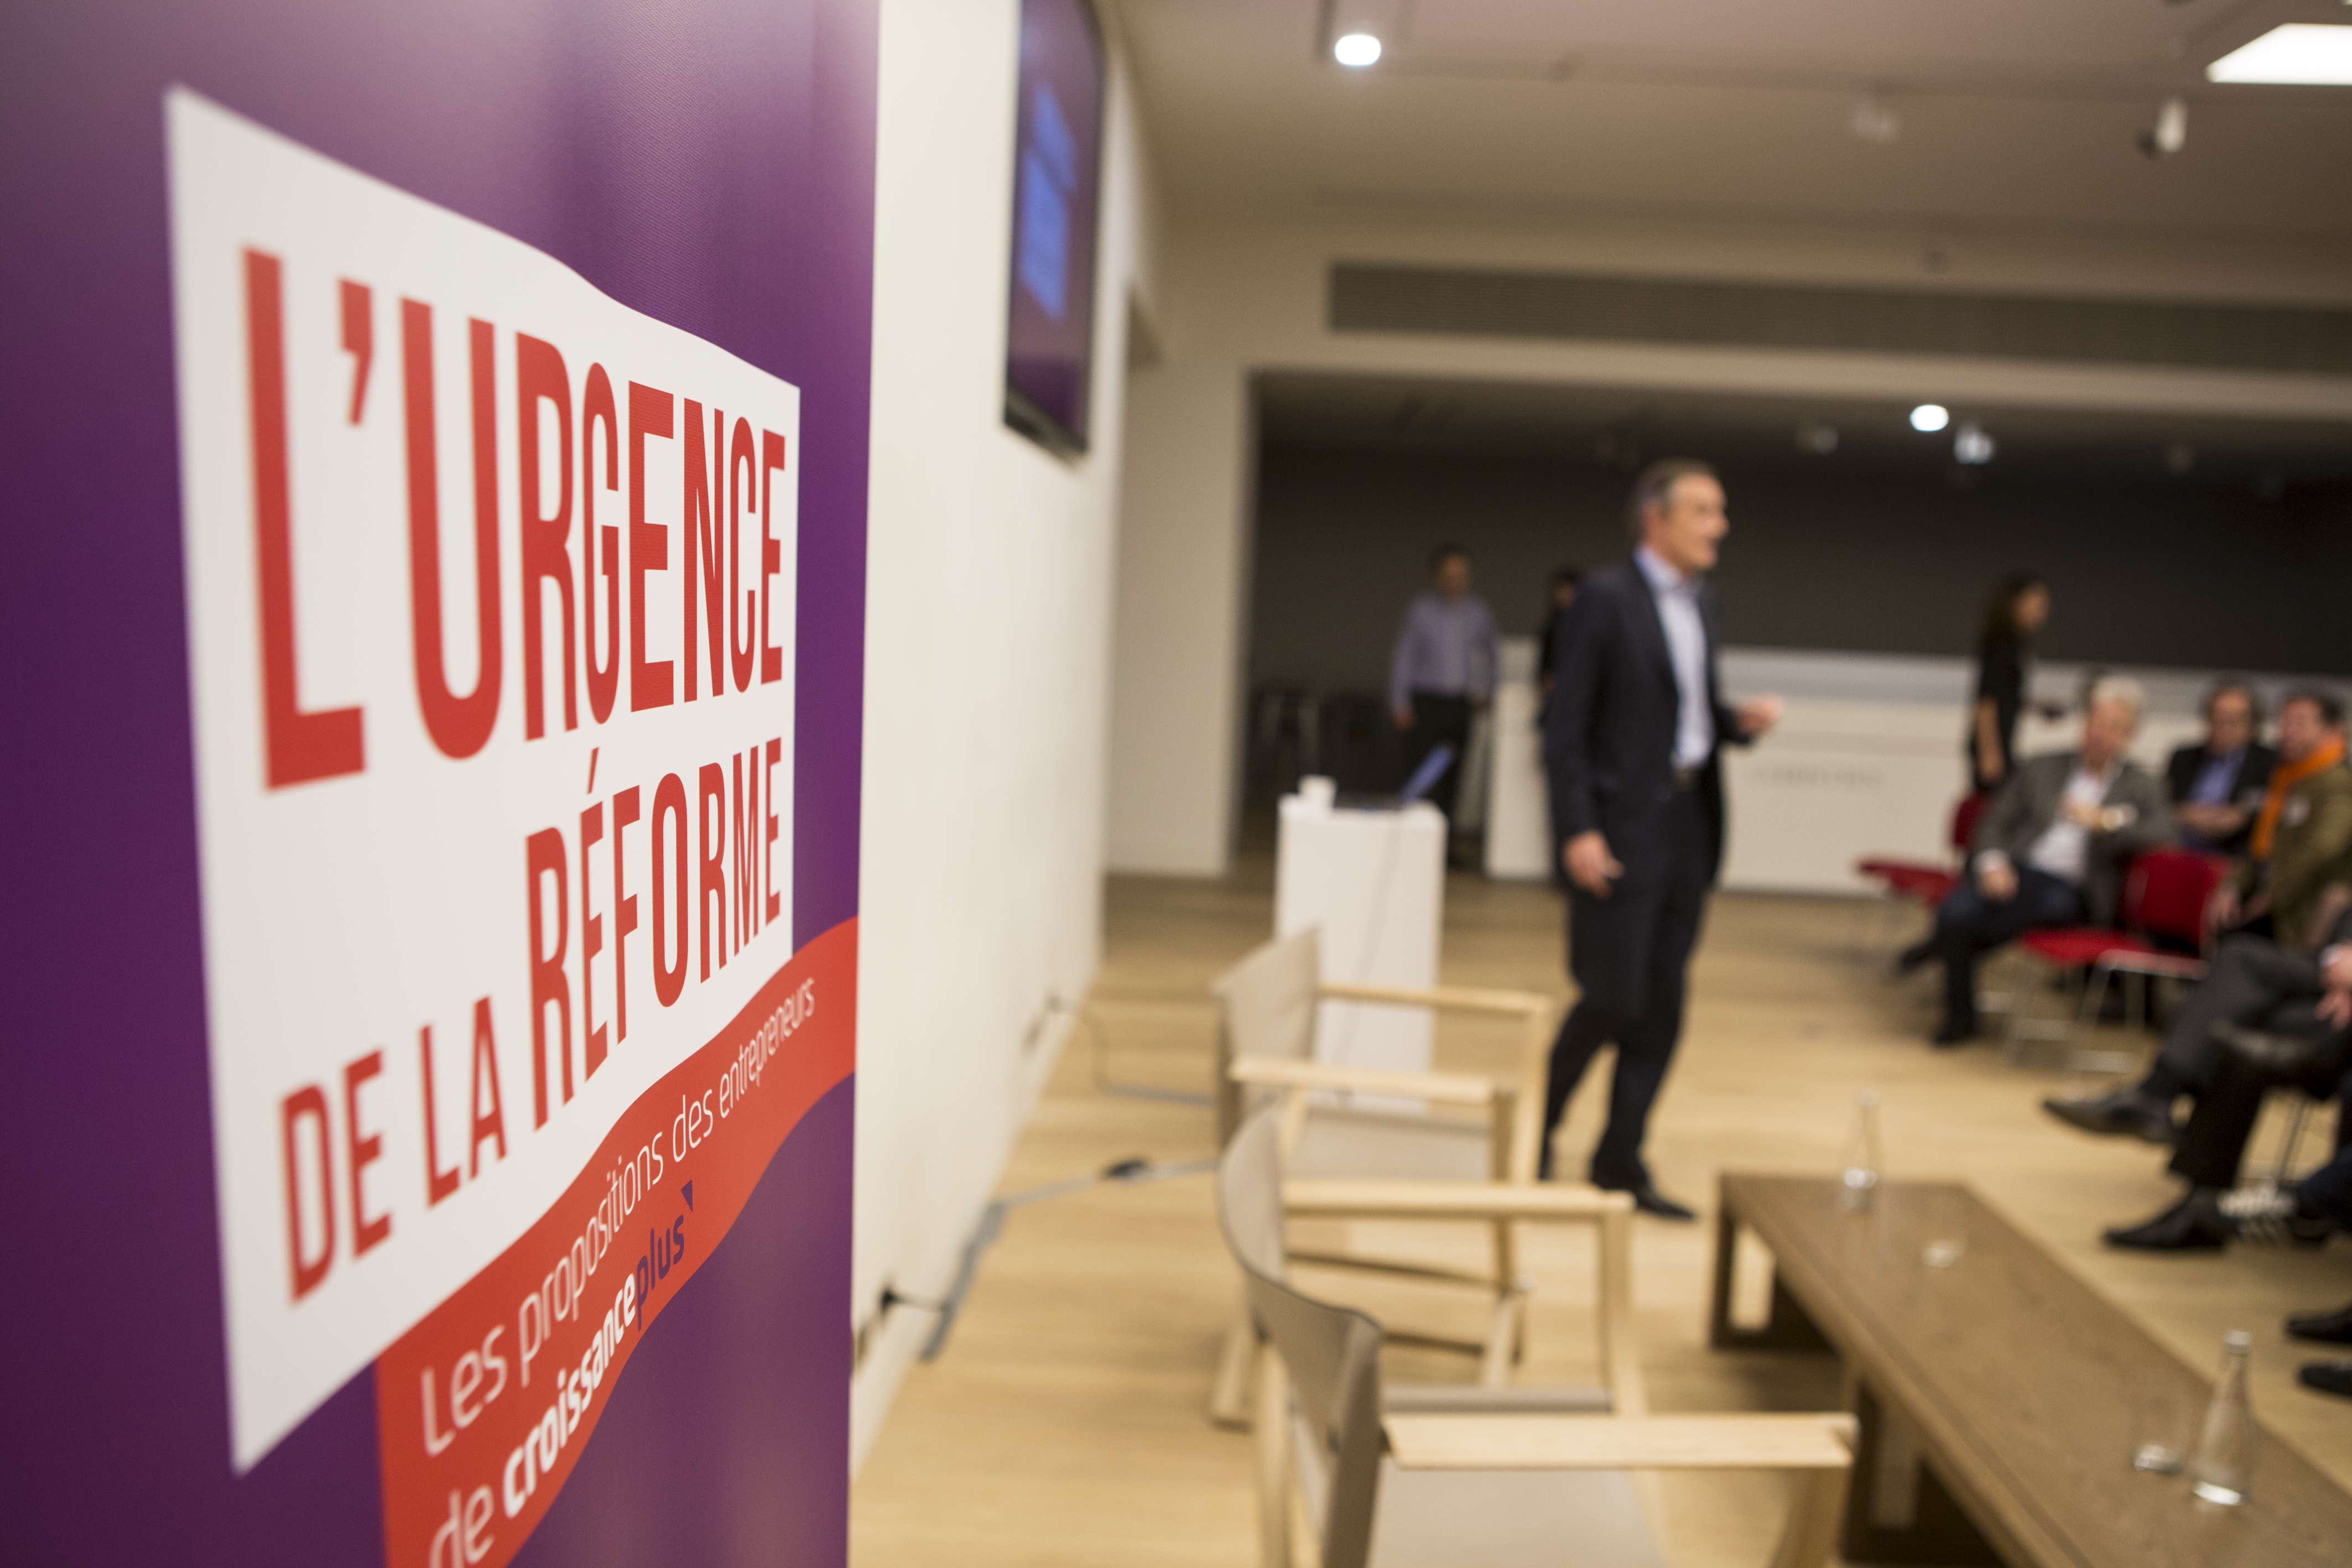 Soirée de Networking : l' Urgence de la Réforme